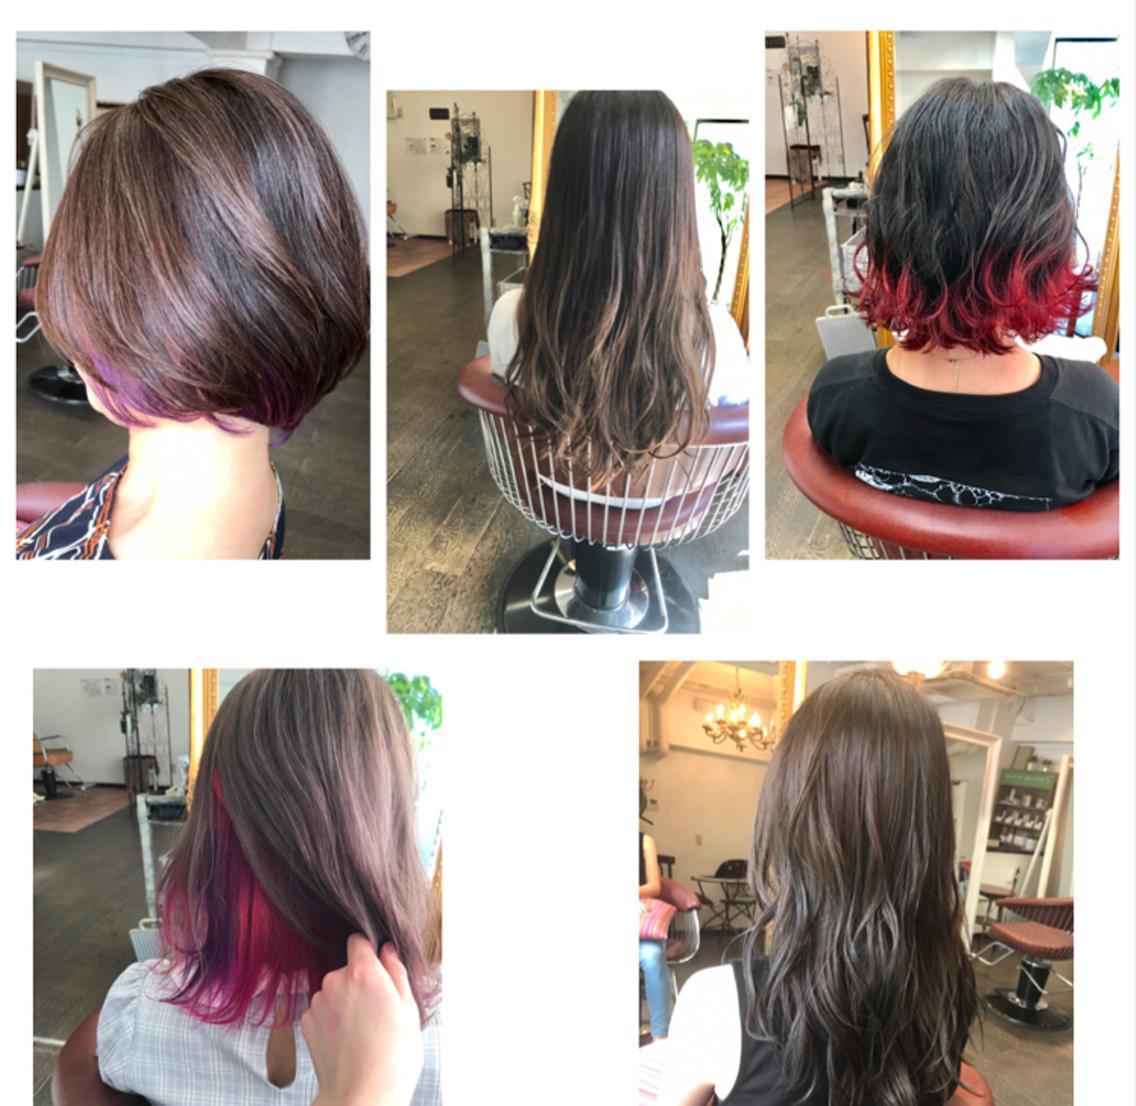 当日予約ok【口コミ4.9🌟】必見‼️カラーのスペシャリスト✨ブリーチ使わなくても透明感カラー‼️ダメージレスで髪を明るくしたい方へ✨マンツーマンで丁寧な技術を👌カラー後でも髪は綺麗なままで🌈